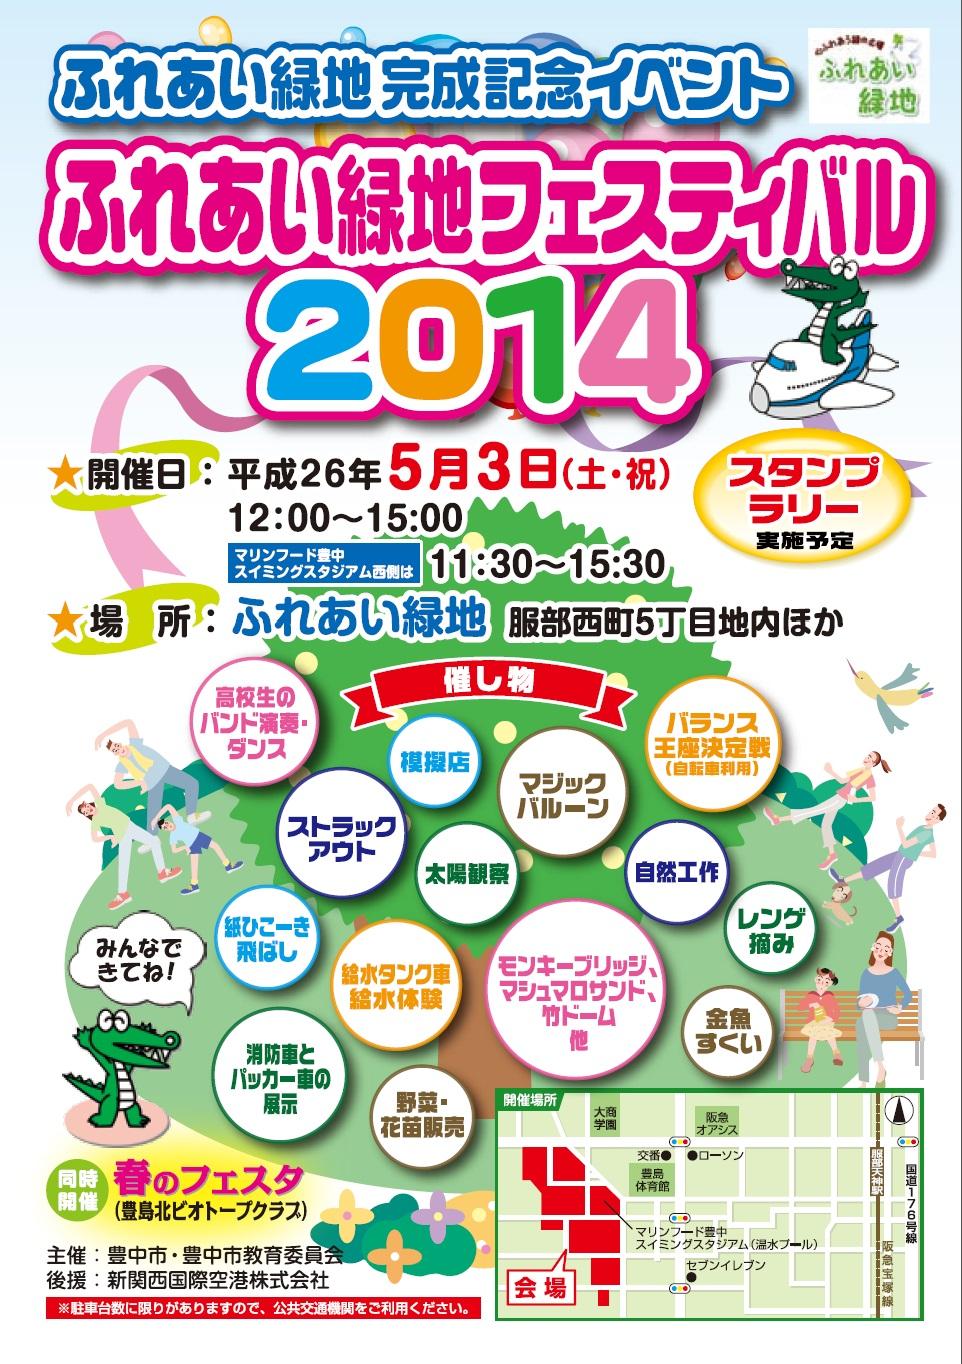 2014-05-03 ふれあい緑地フェスティバル